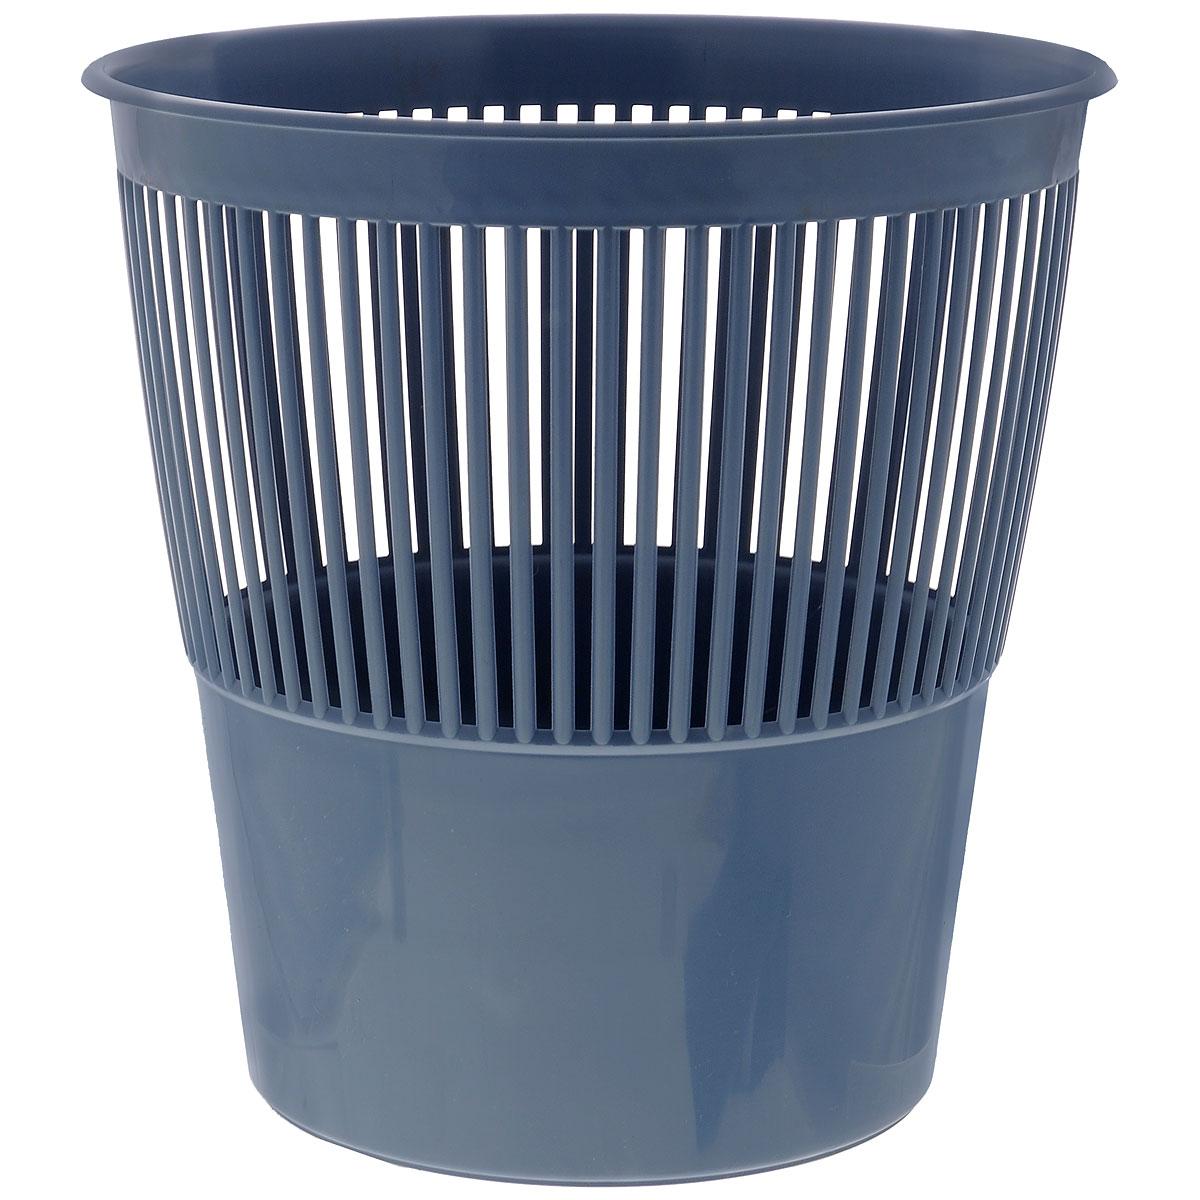 Корзина для бумаг Стамм выполнена из высококачественного пластика и предназначена для сбора мелкого мусора и бумаг. Стенки корзины оформлены перфорацией. Удобная компактная корзина прекрасно впишется в интерьер гостиной, спальни, офиса или кабинета.